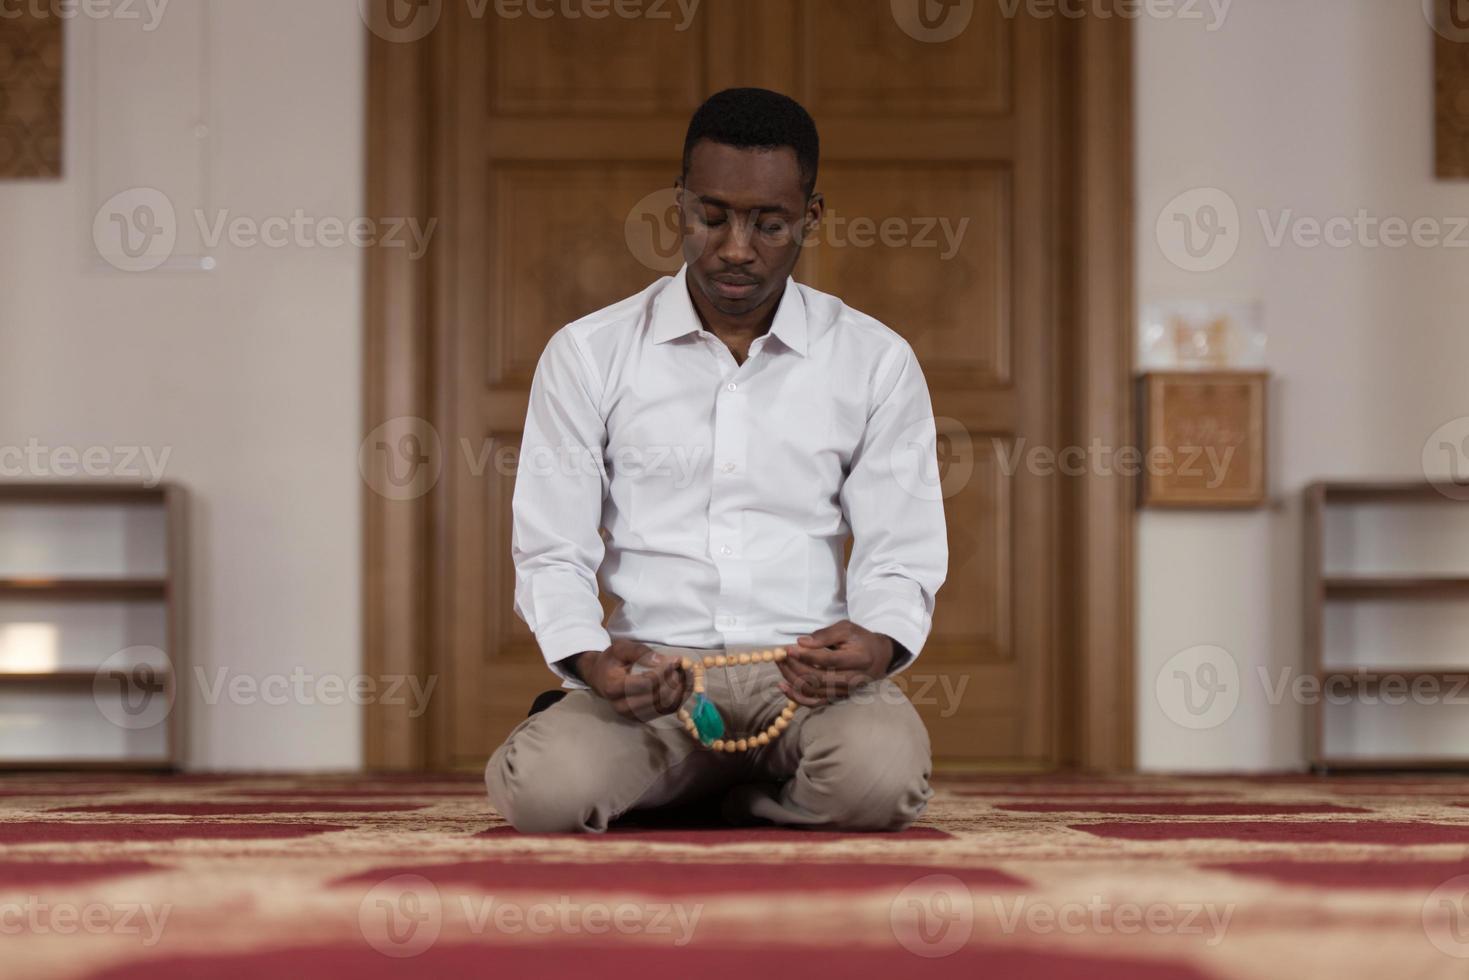 muçulmanos africanos rezando na mesquita foto